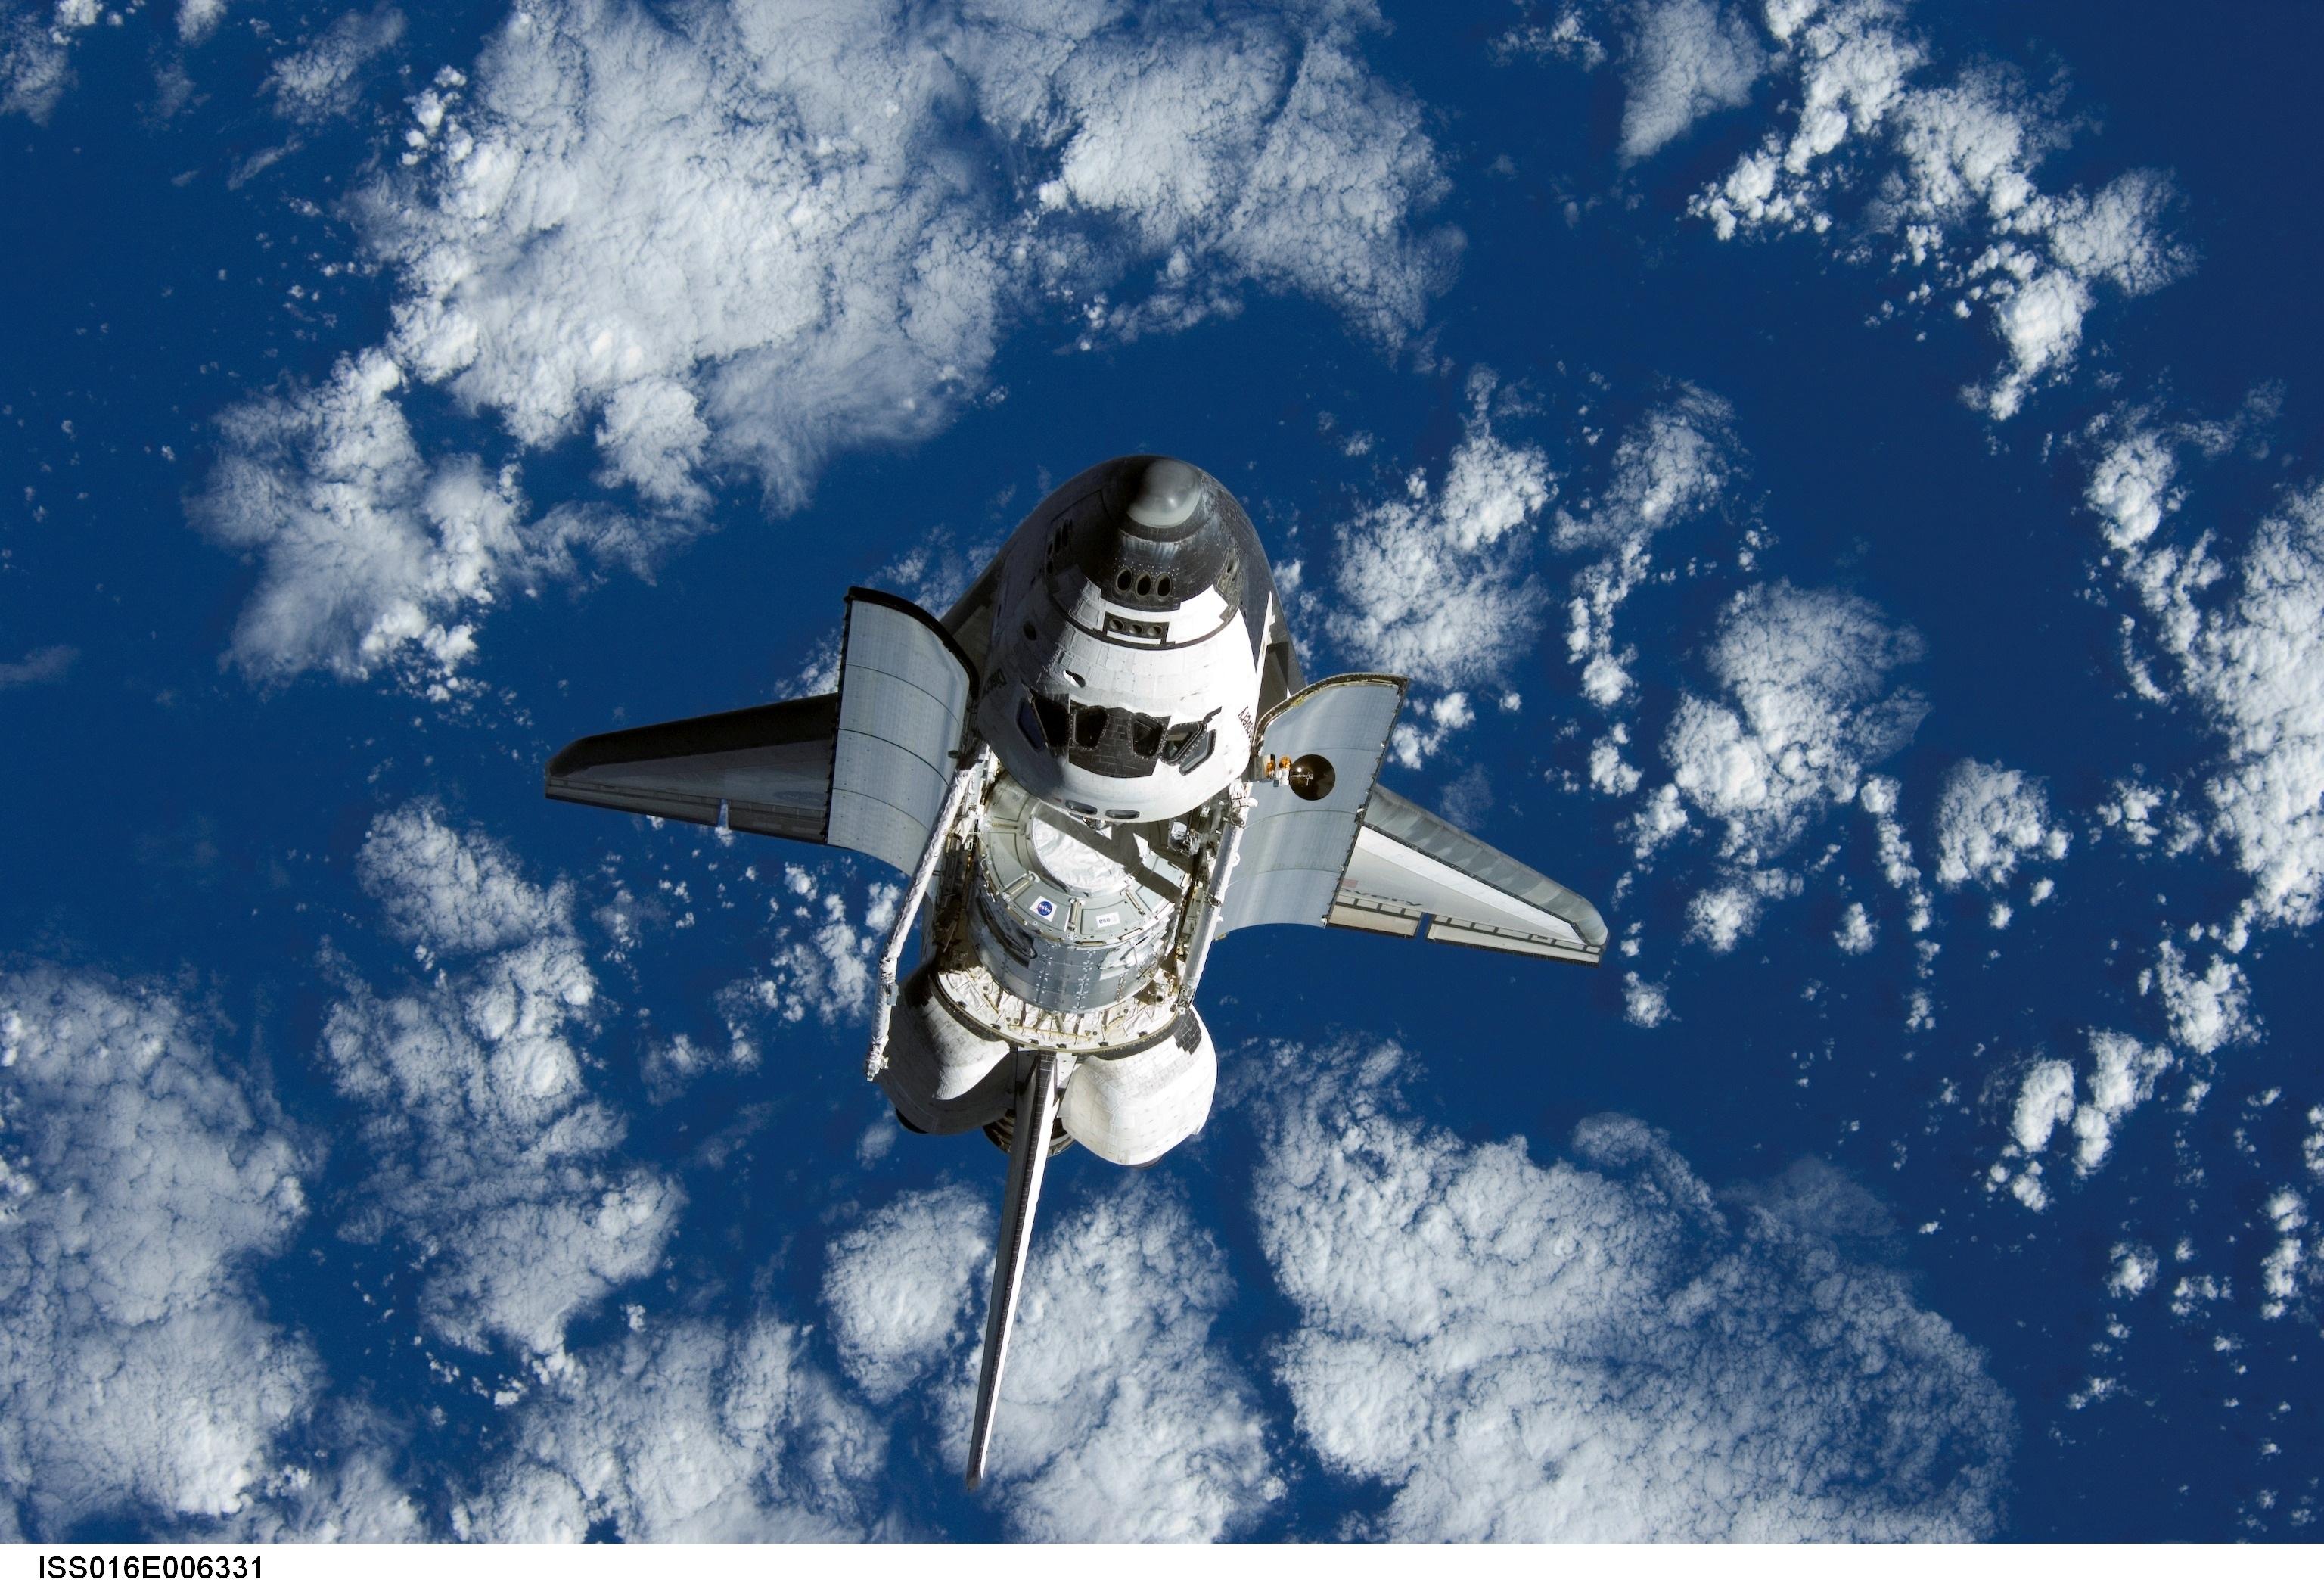 무료 이미지 : 하늘, 배, 비행기, 차량, 익스트림 스포츠, 겨울 스포츠, 구름, 발견, 우주선, 궤도 ...